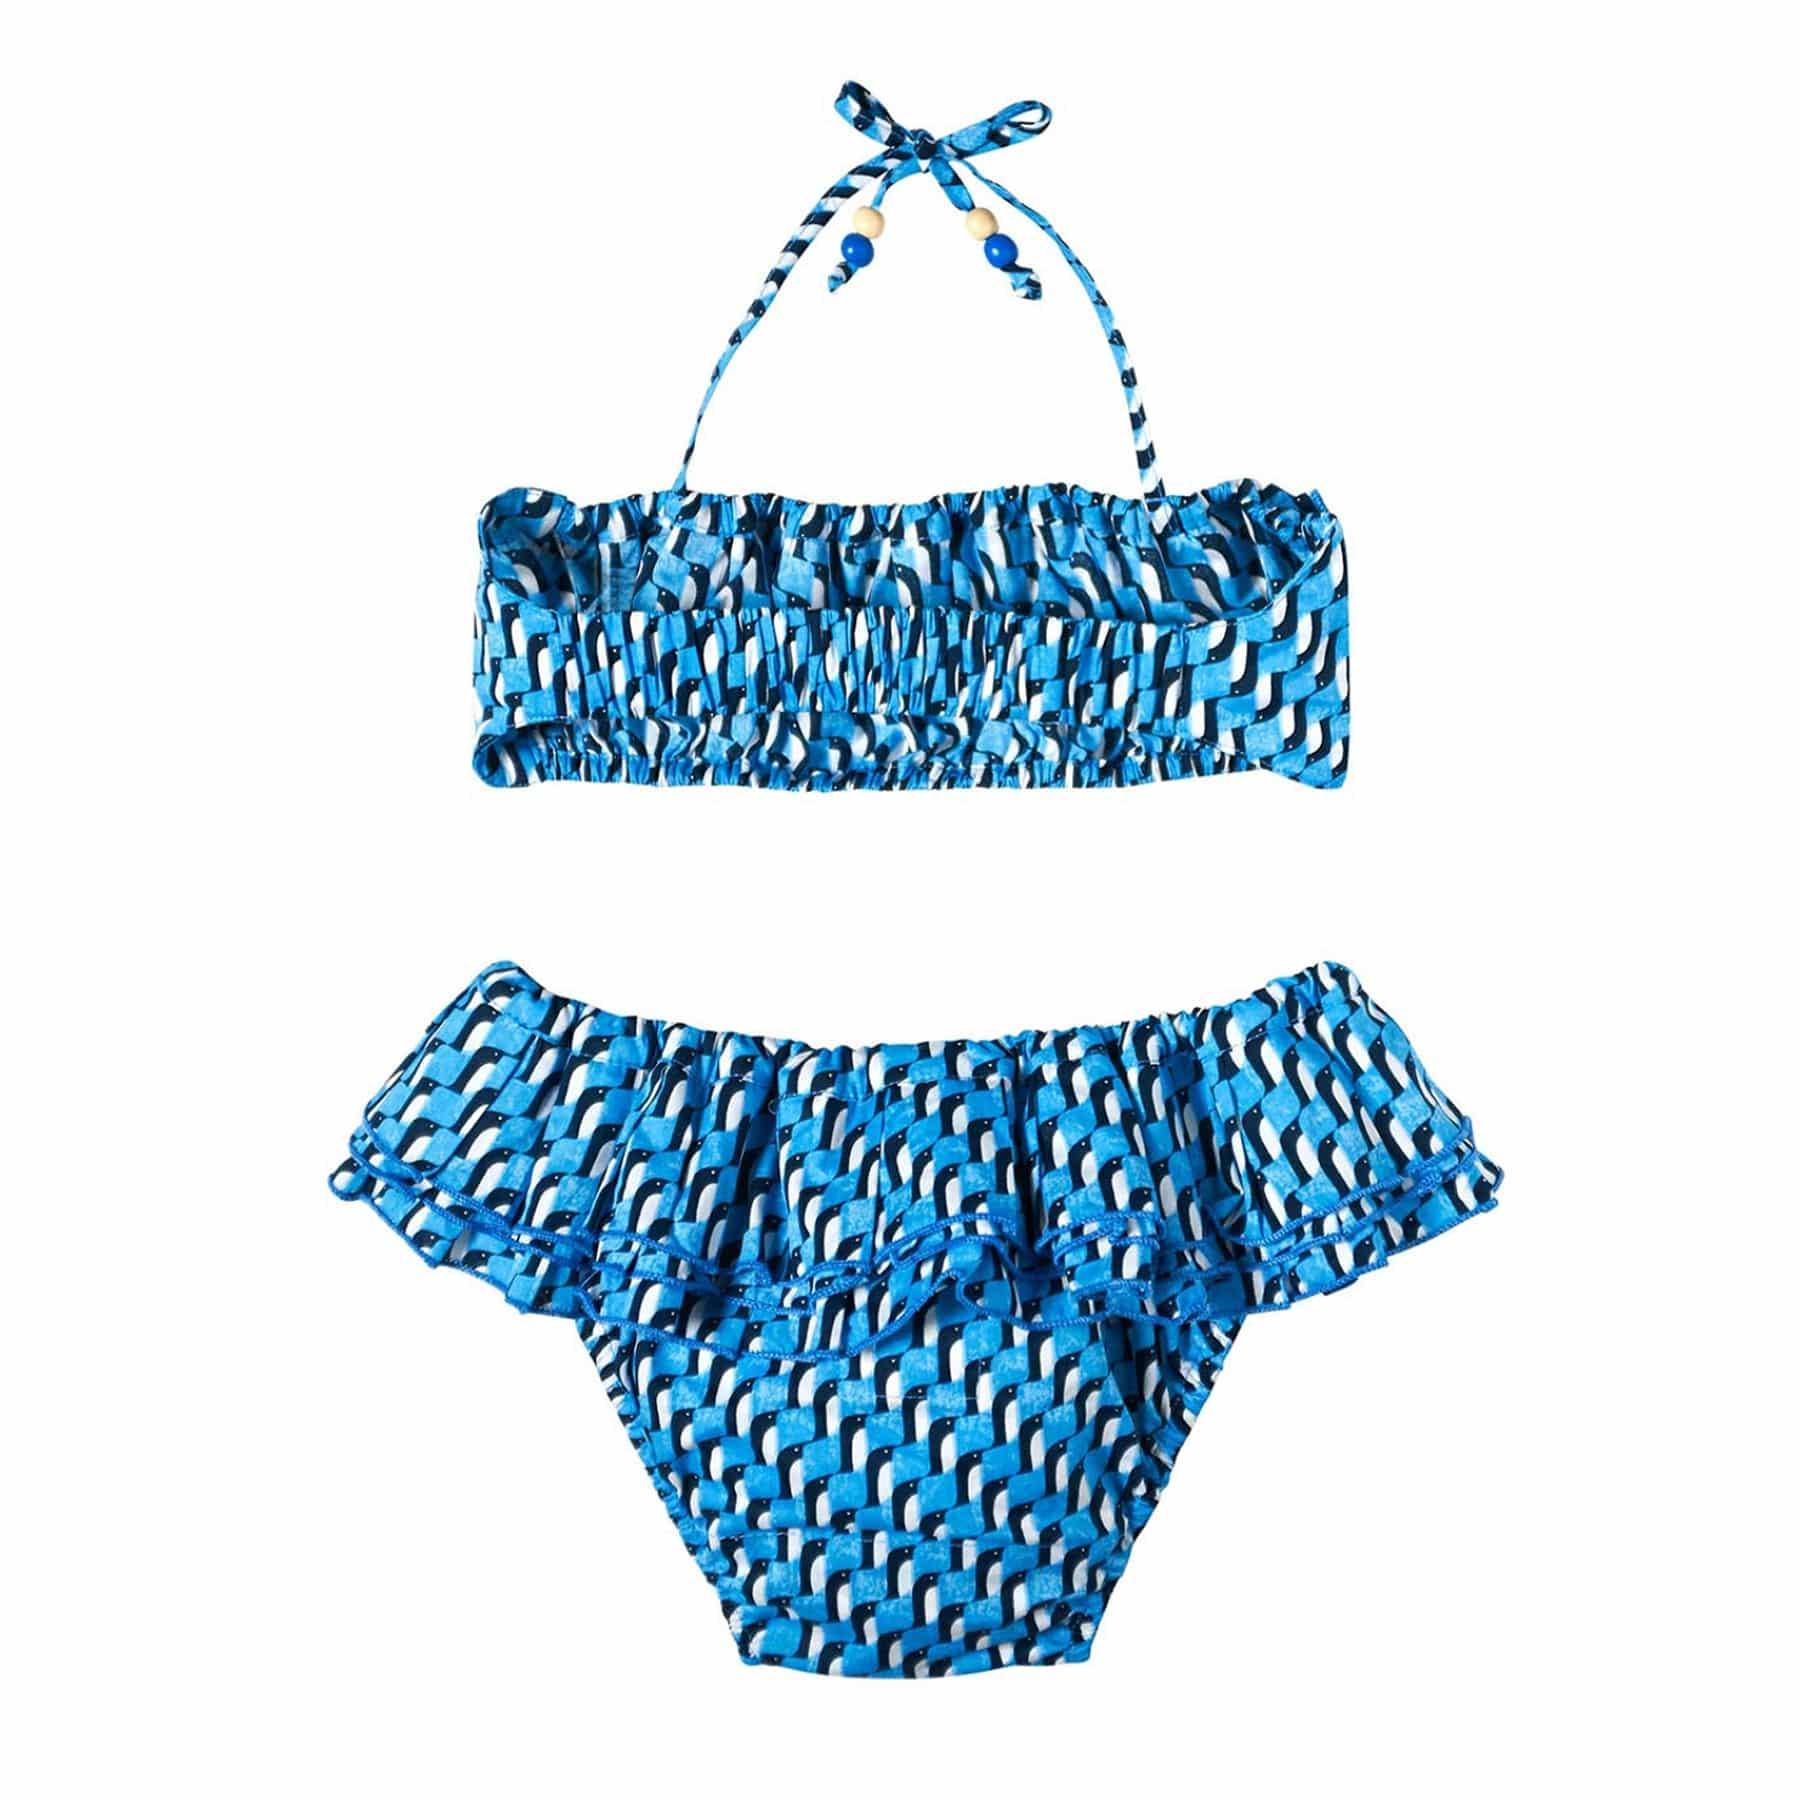 Maillot de bain bikini 2 pièces à volants imprimé cachemire bleu roi et blanc pour filles de 2 à 12 ans